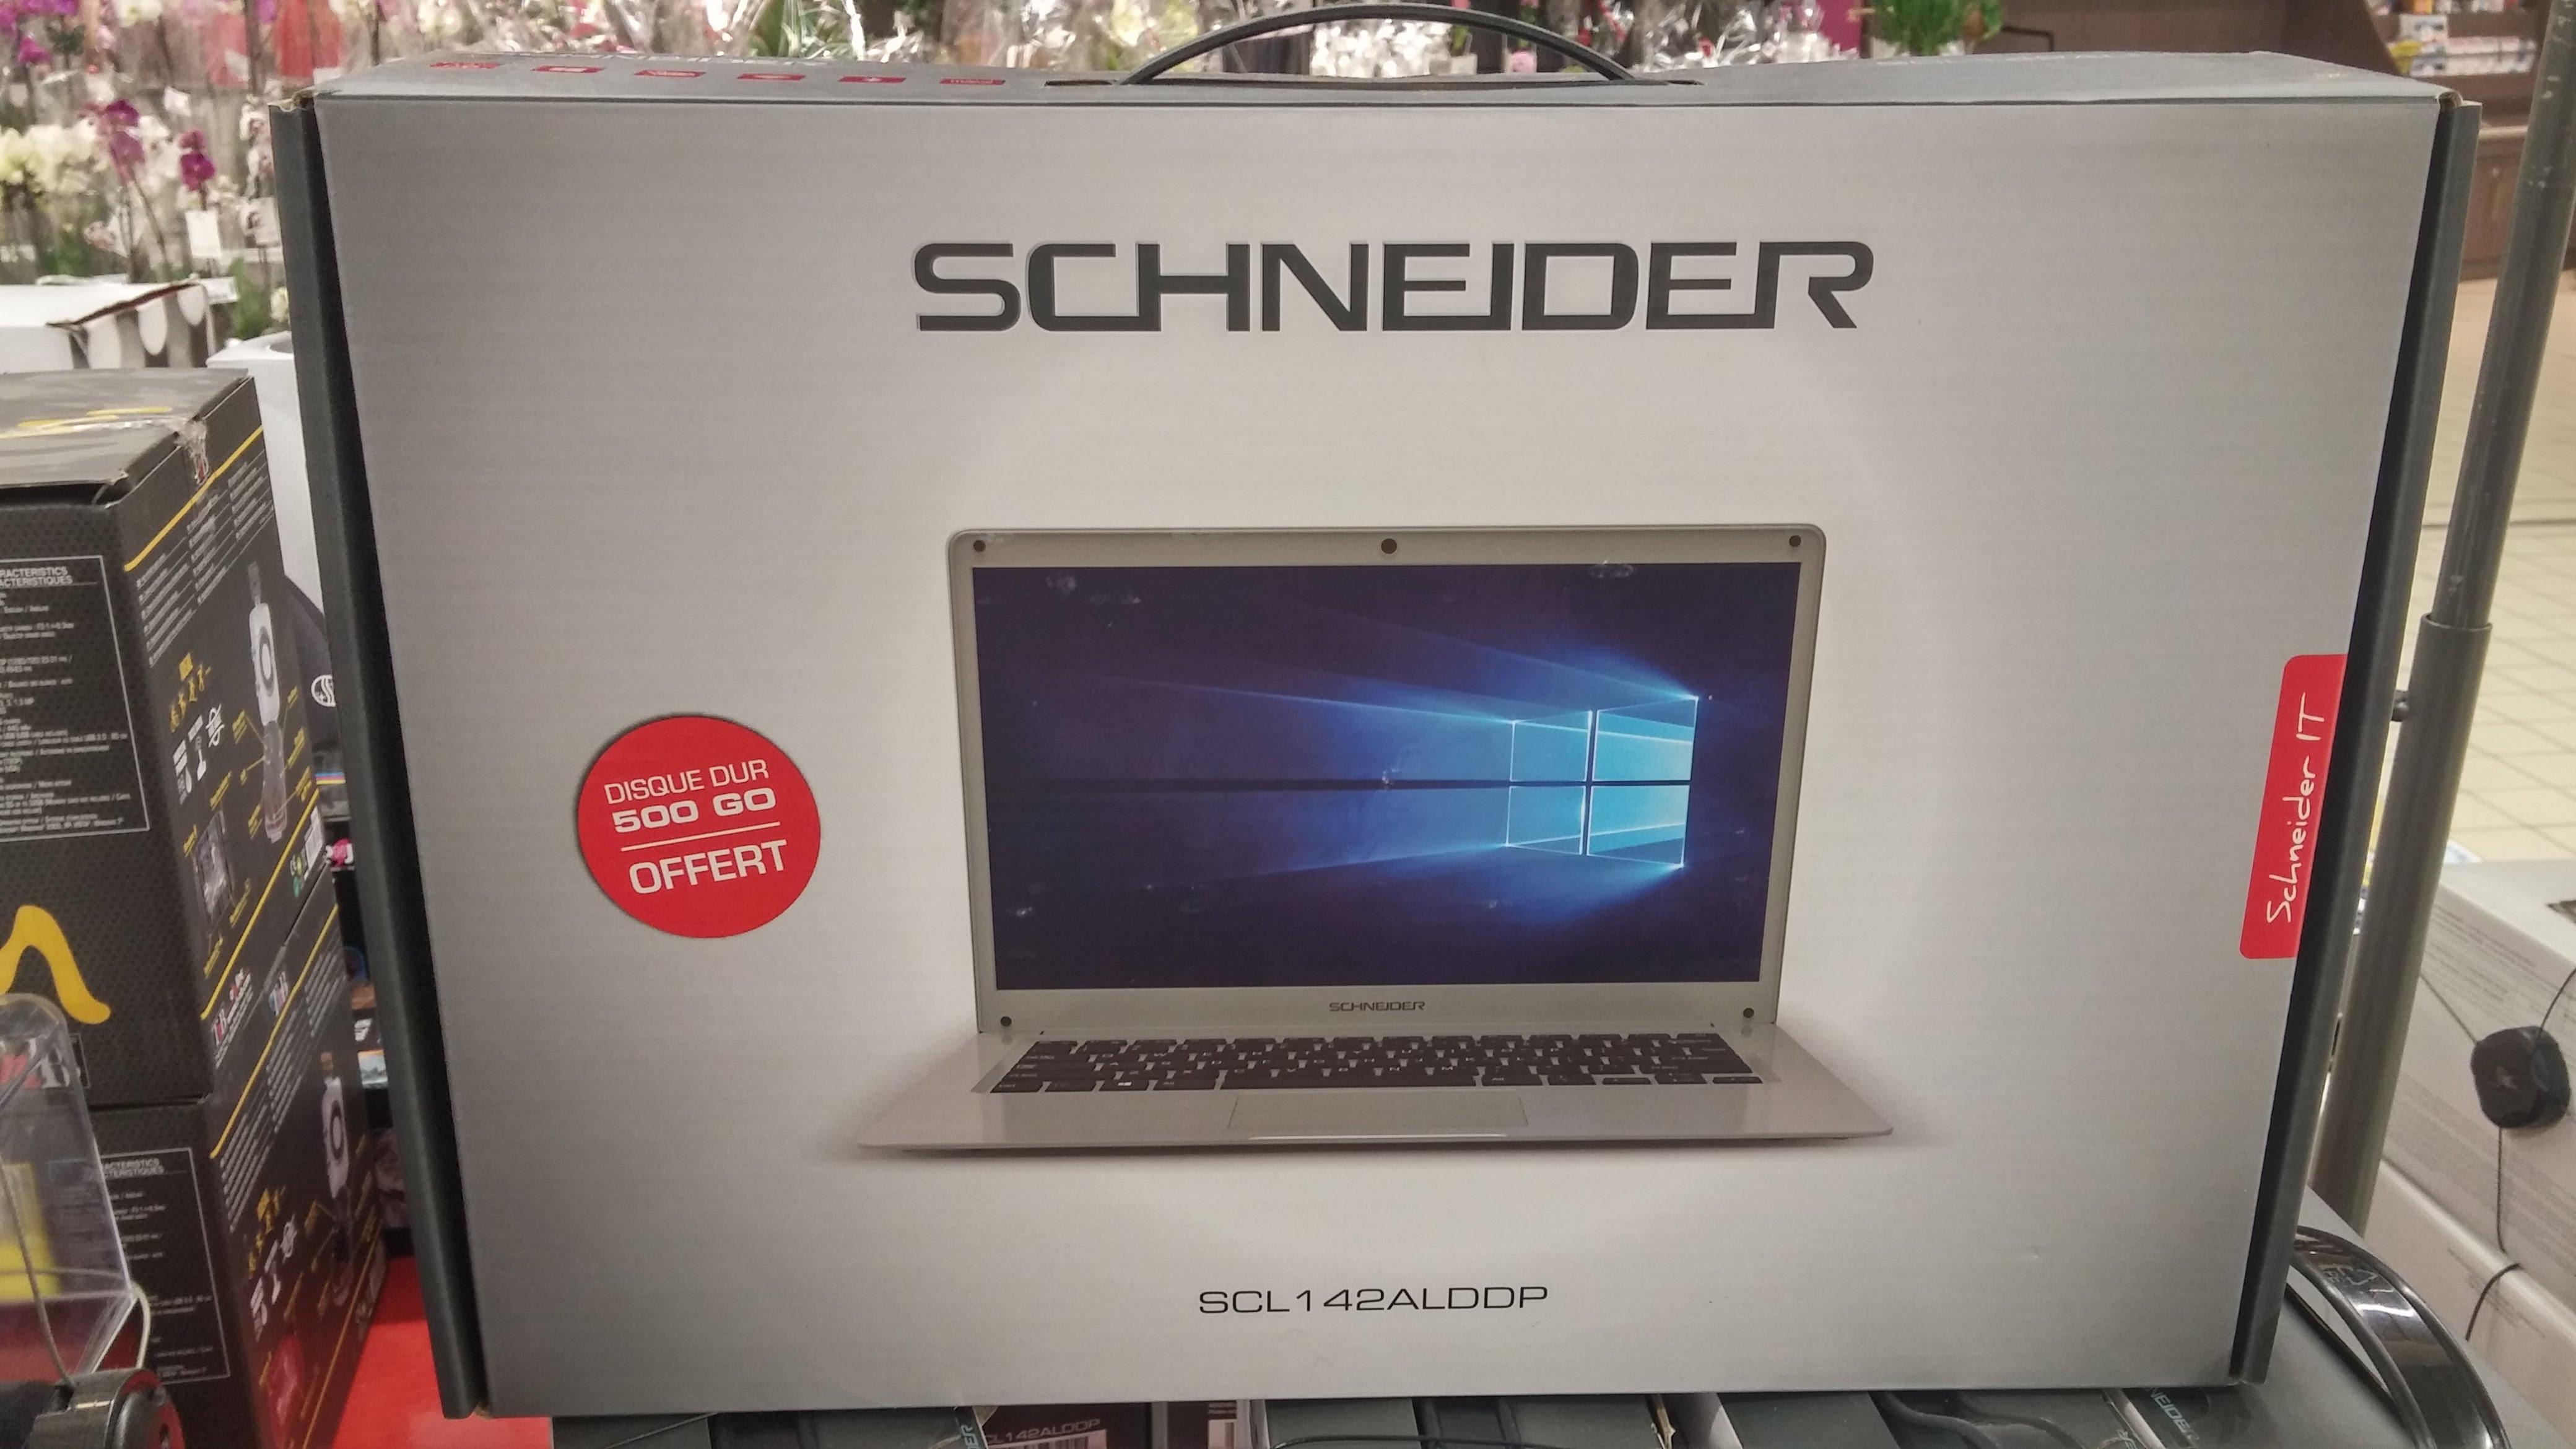 """PC Portable 14.1"""" Schneider SCL142ALDDP - Full HD IPS, Celeron N3350, 4 Go RAM, 32 Go eMMC, HDD 500 Go, W10"""